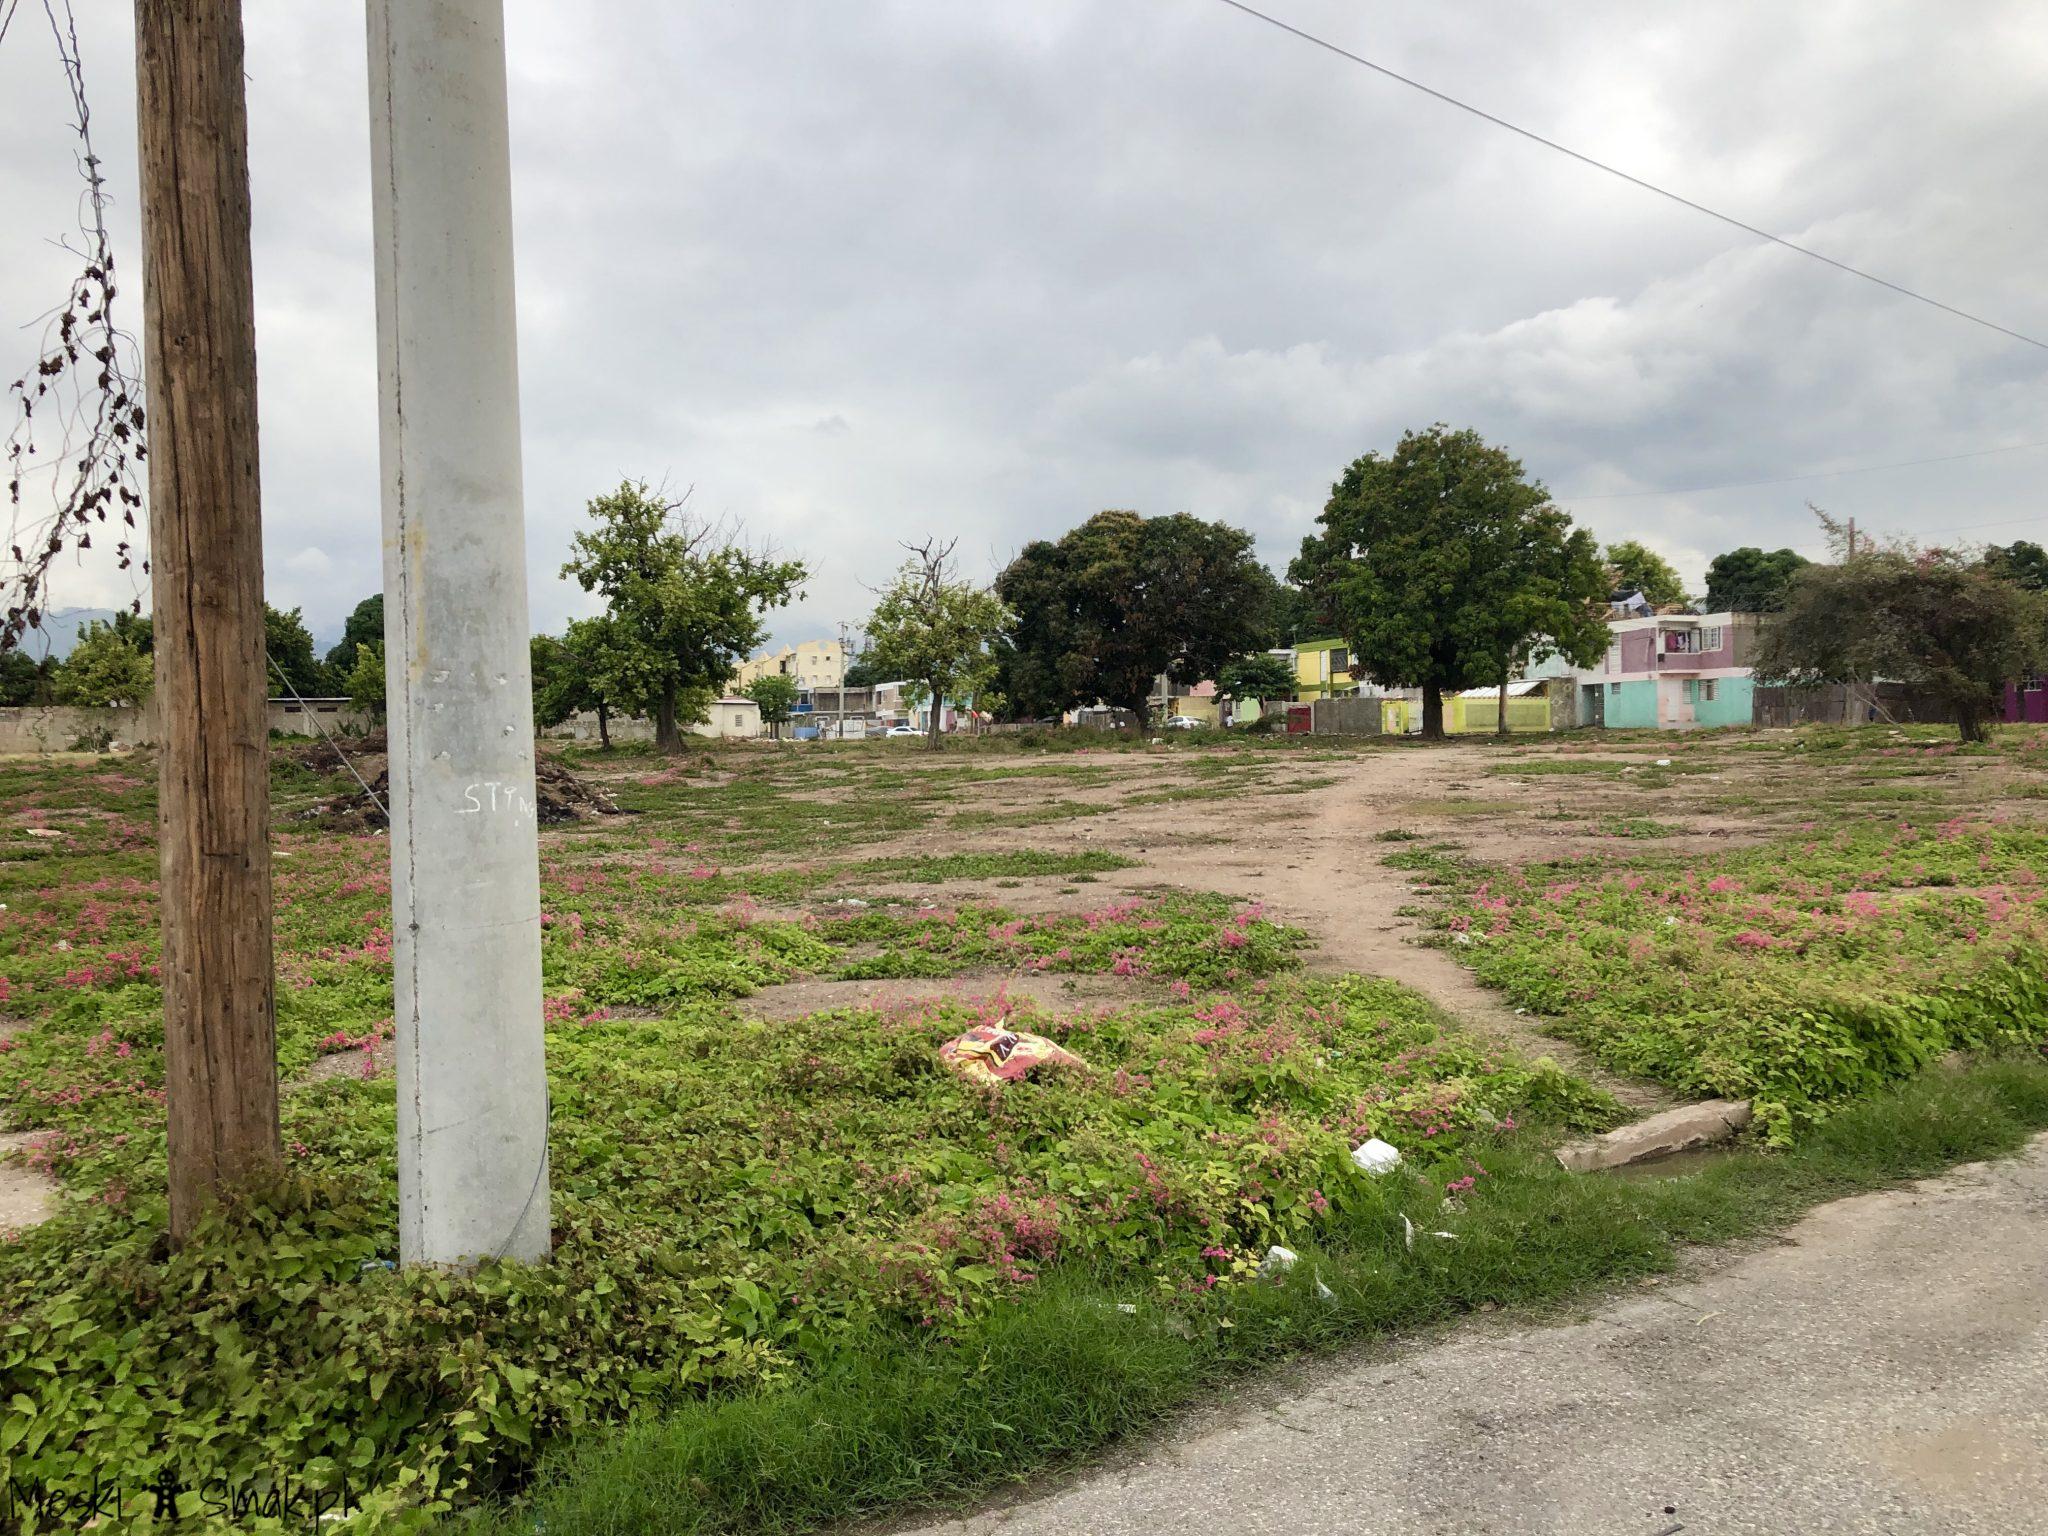 Wakacje i wycieczki Jamajka_wszystko o Trench Town Culture Yard 4